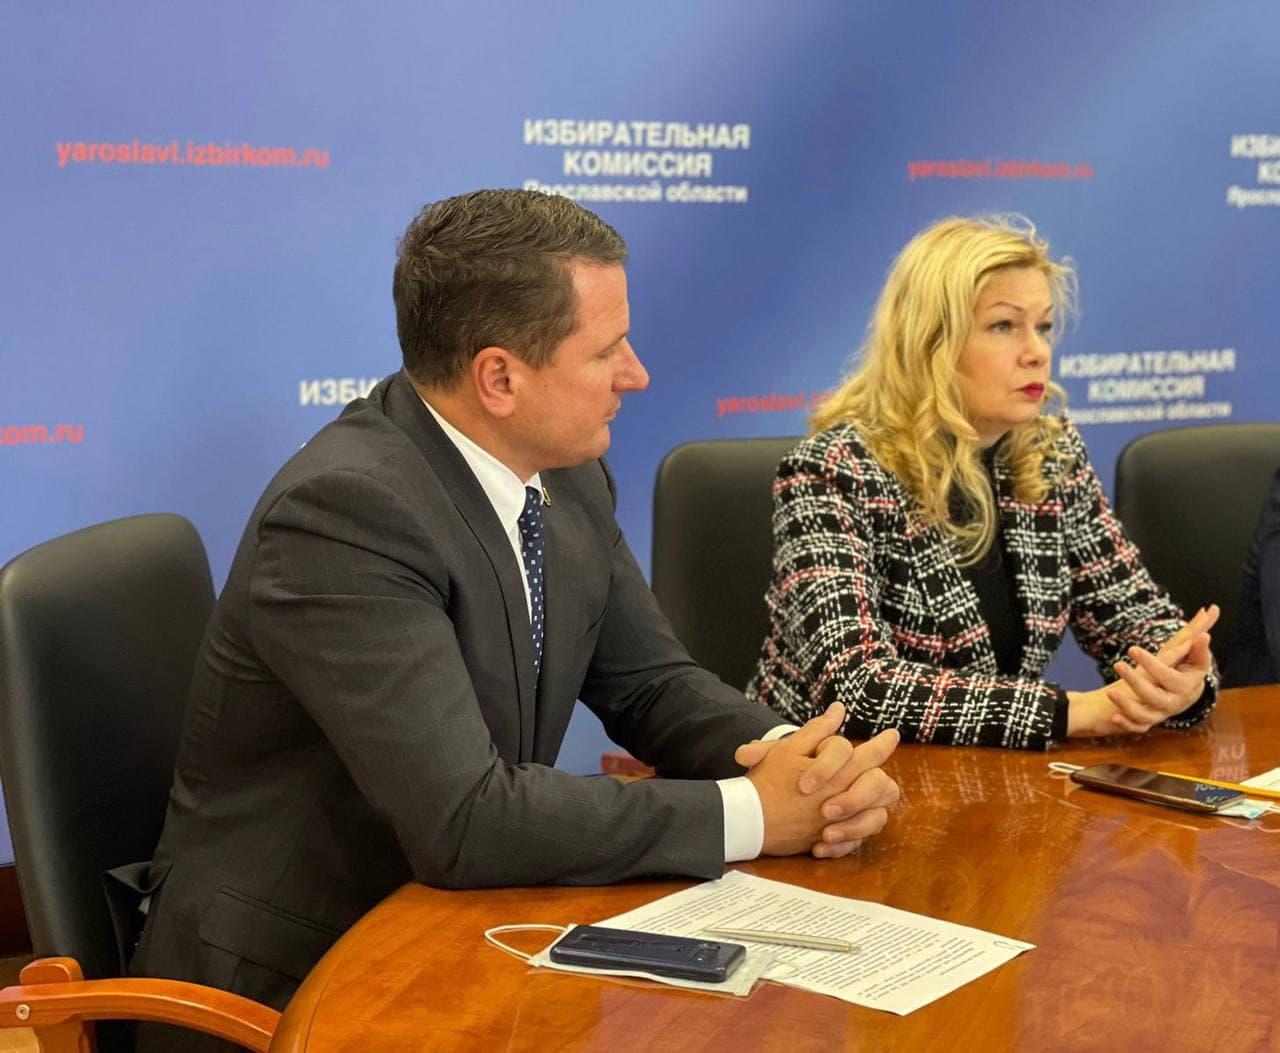 Член Штаба общественного наблюдения за выборами Татьяна Акопова рассказала об итогах организации электронного голосования в Ярославской области на пресс-конференции